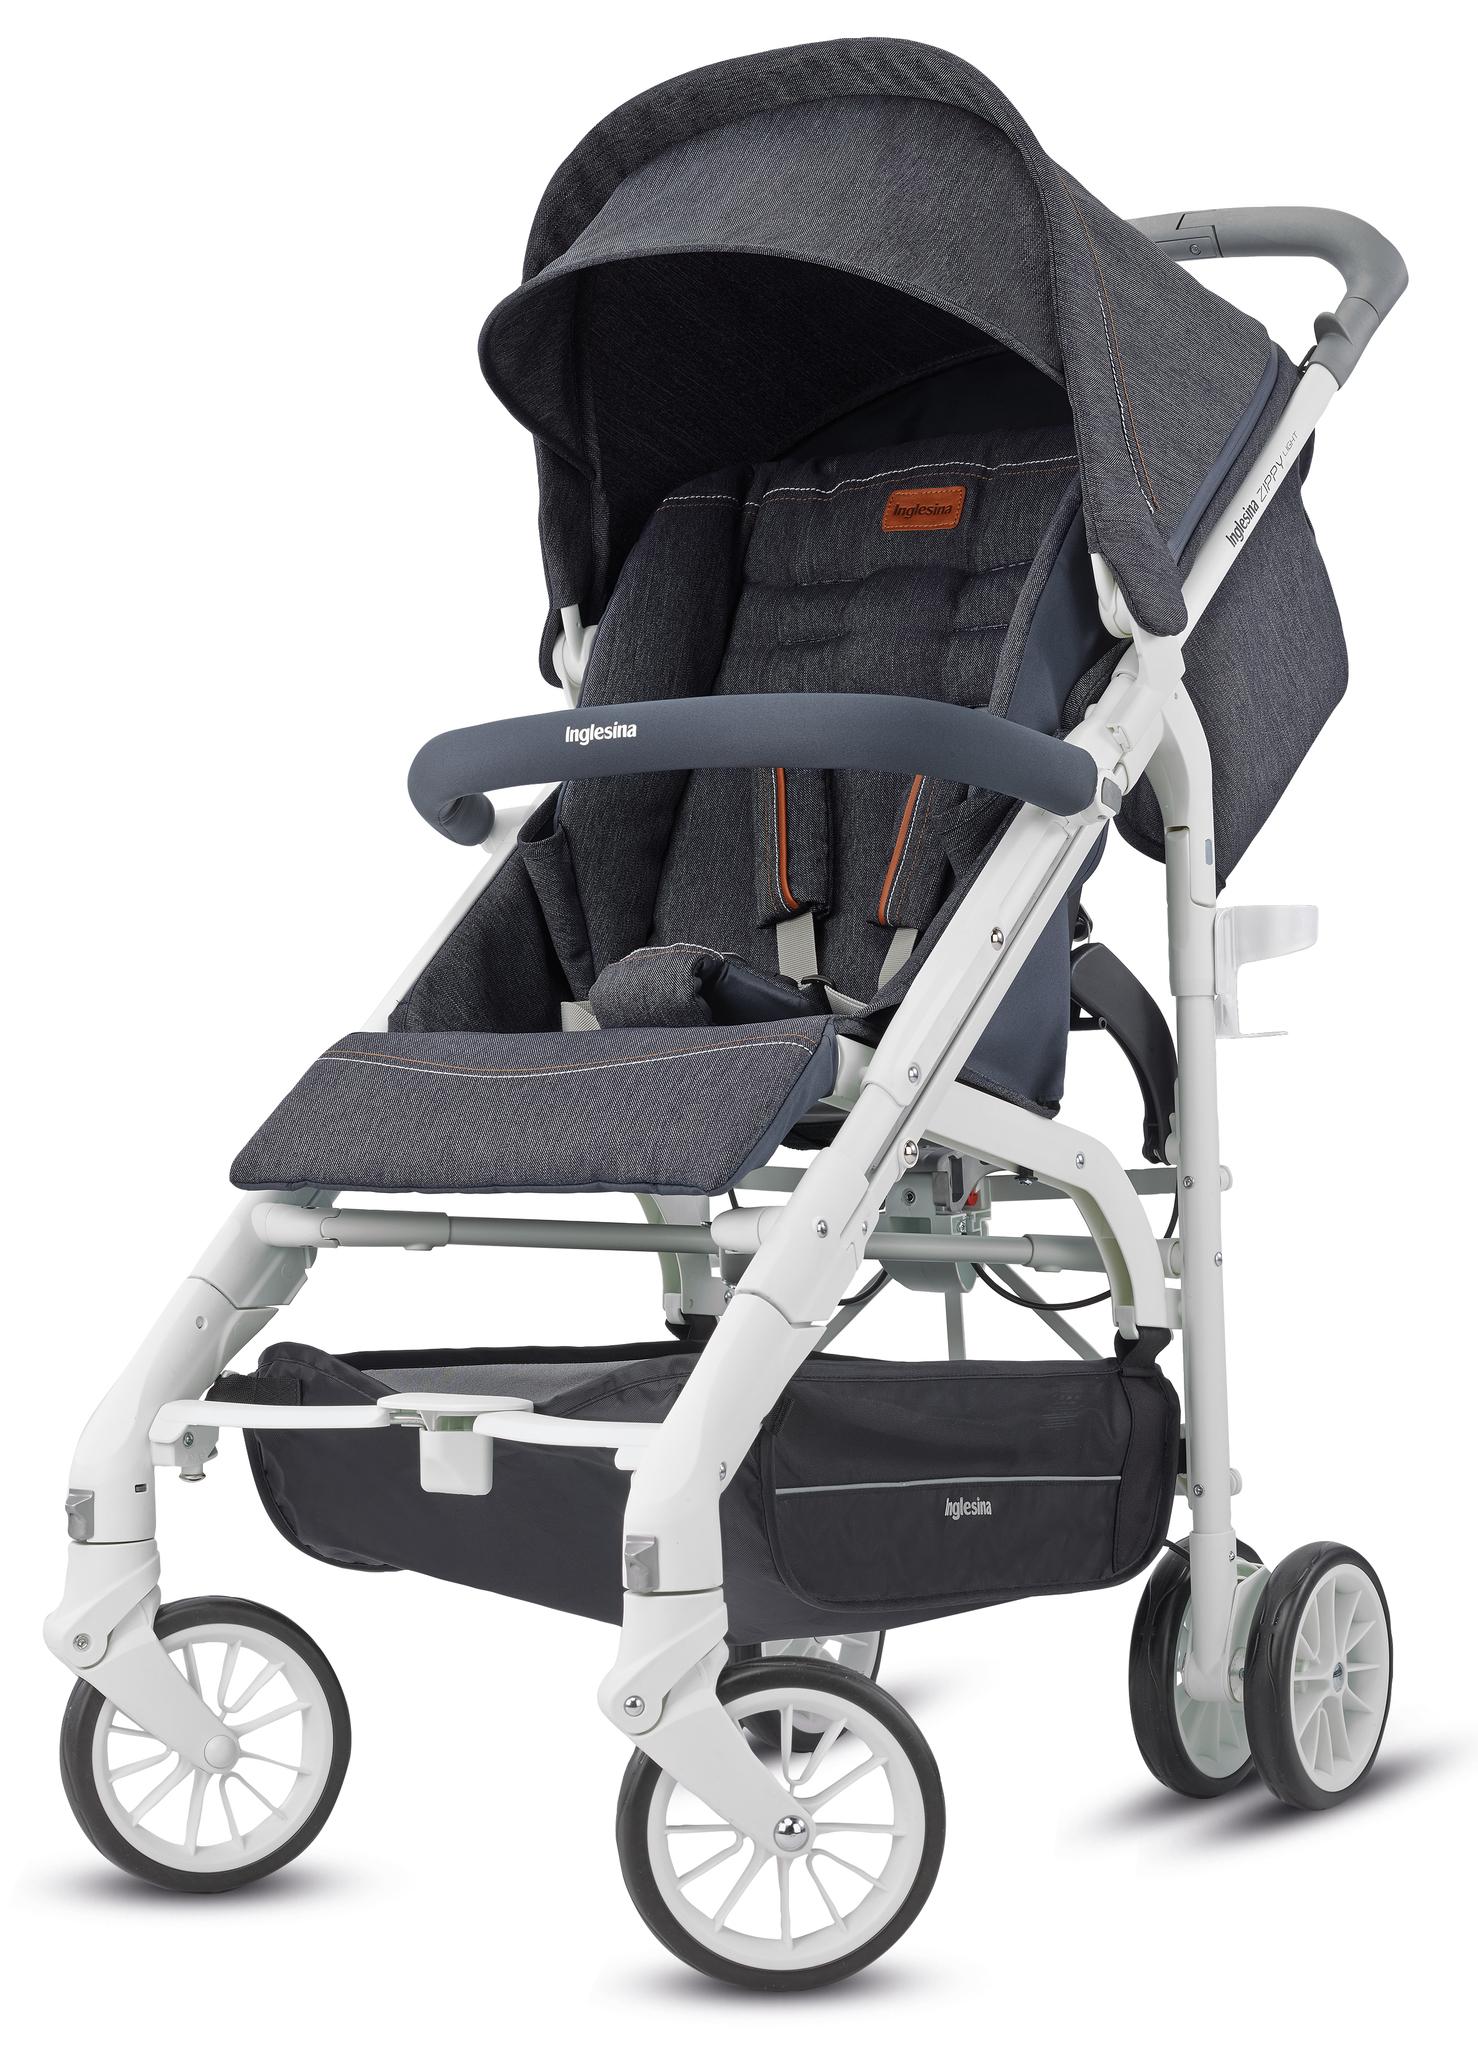 Детская коляска Inglesina Zippy Light (серый)